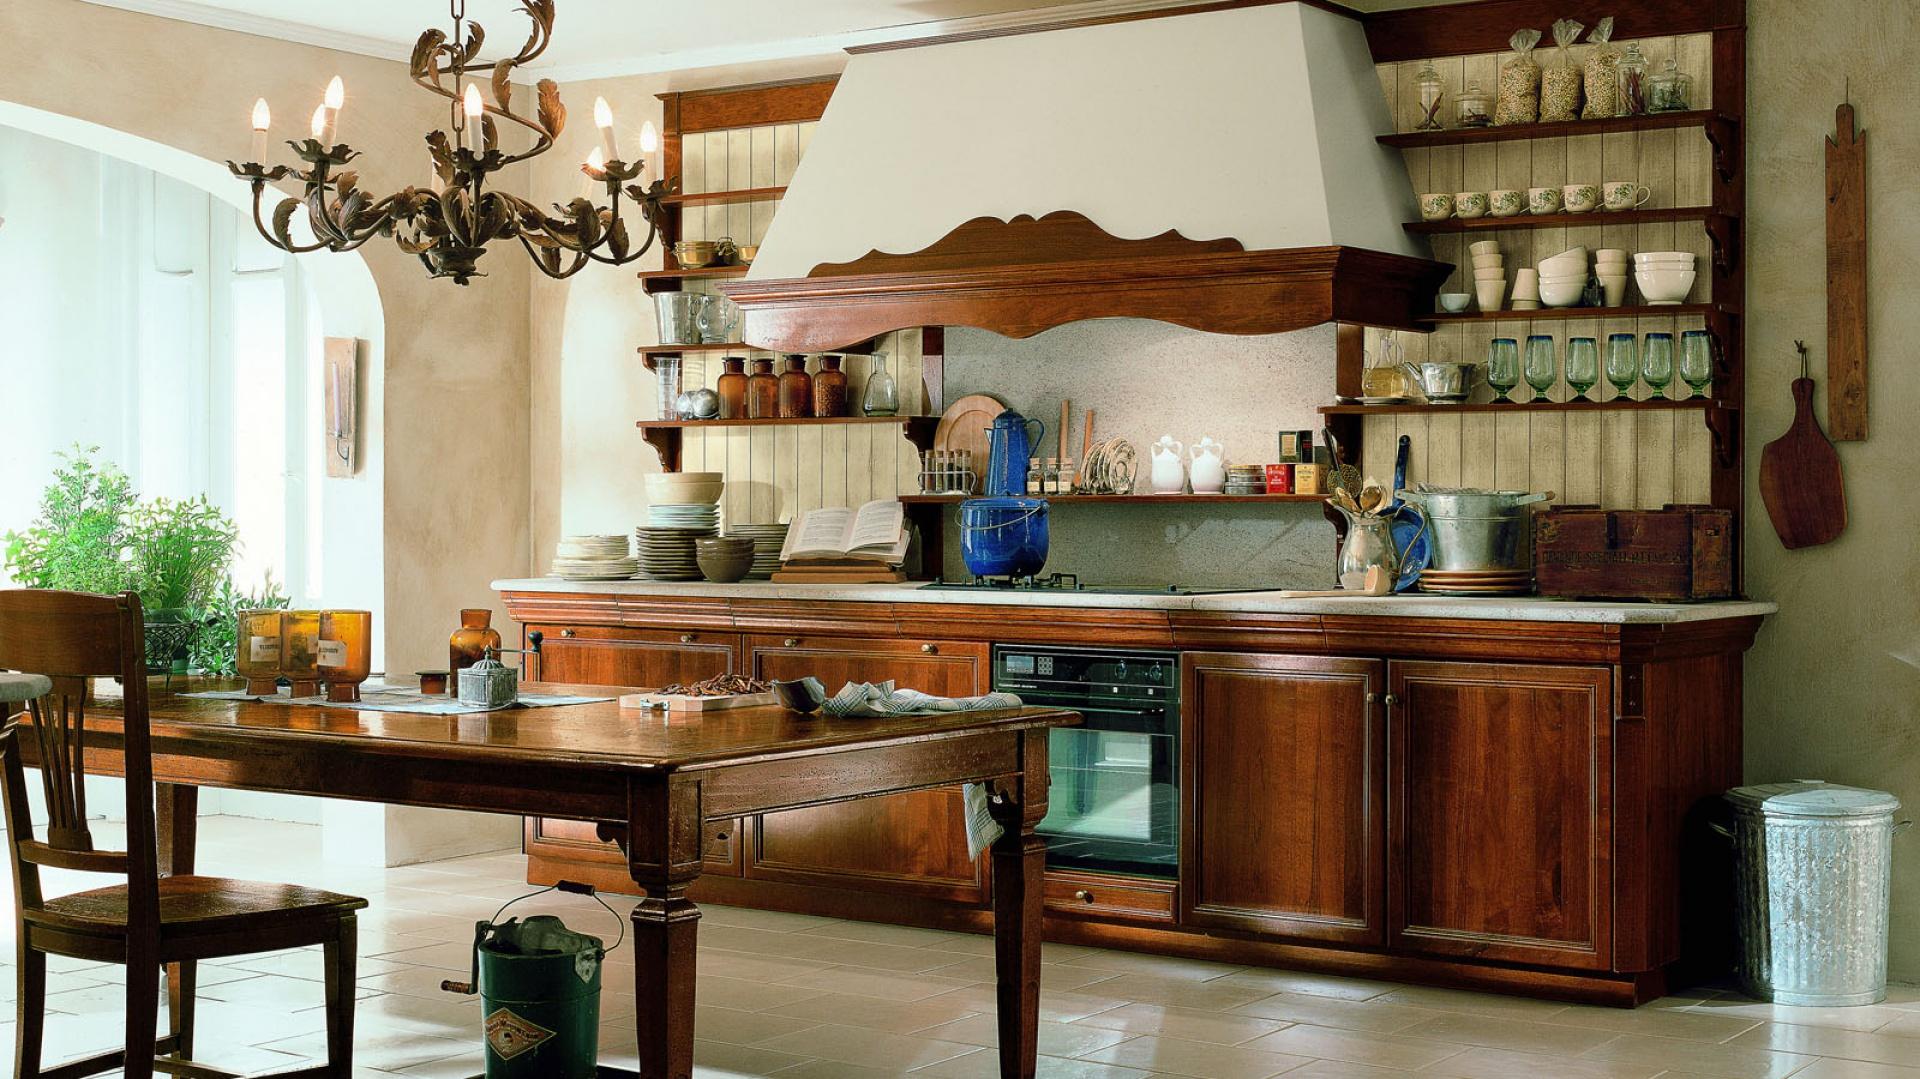 Drewno to zawsze dobry Cegła, kamień, drewno tak   -> Kuchnia I Cegla